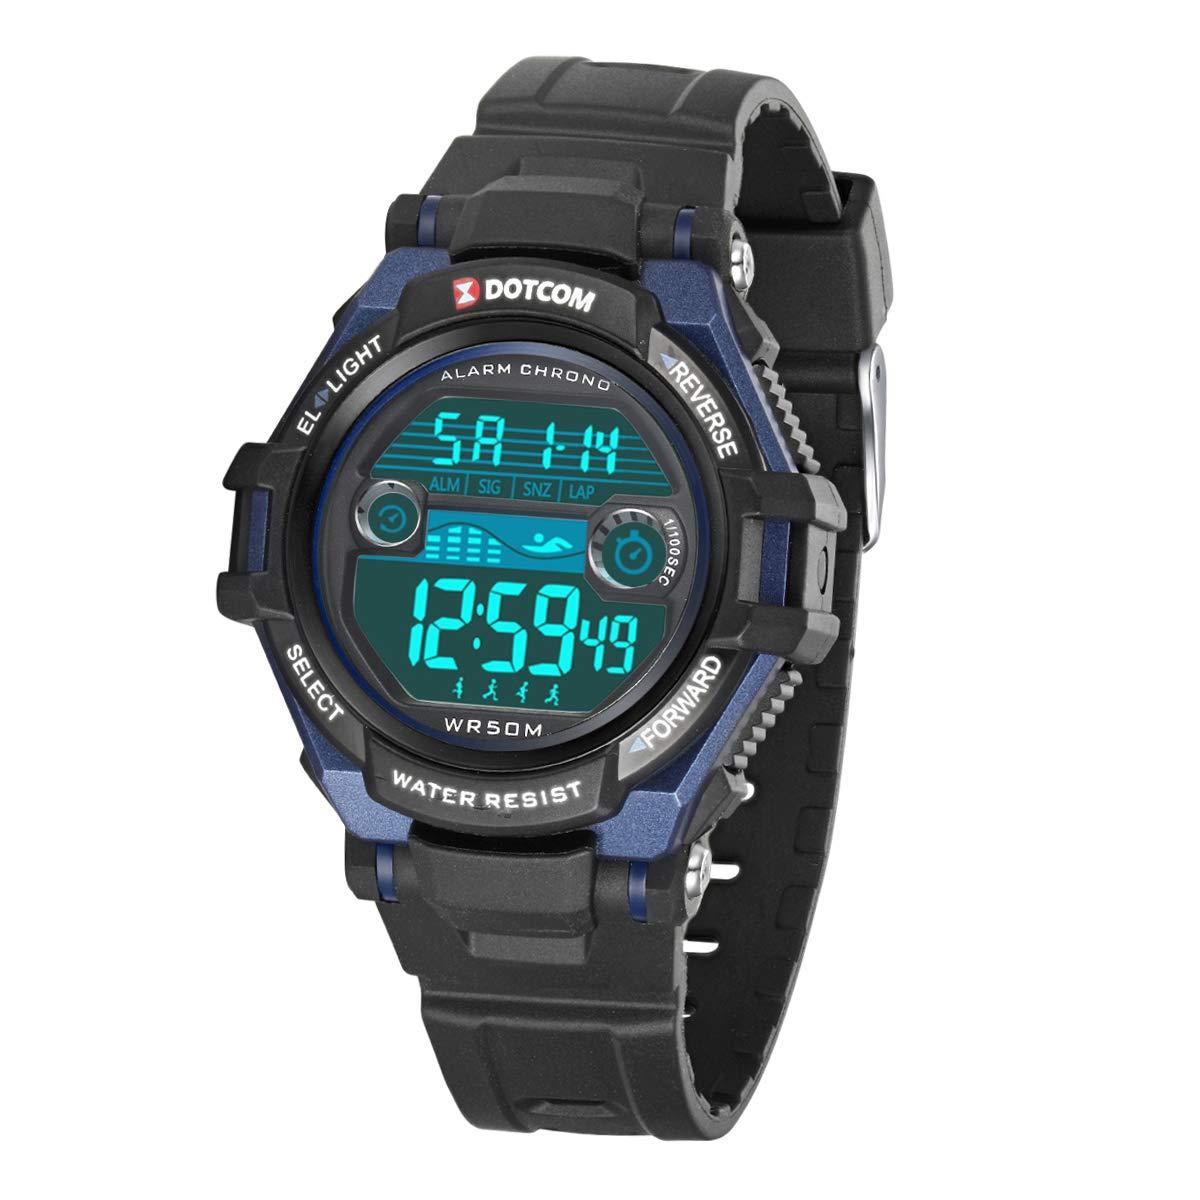 909cd5d4ea51 Relojes de Pulsera Electrónicos para Niños Niños Digital Relojes Deportes–5  ATM Reloj Deportivo Impermeable